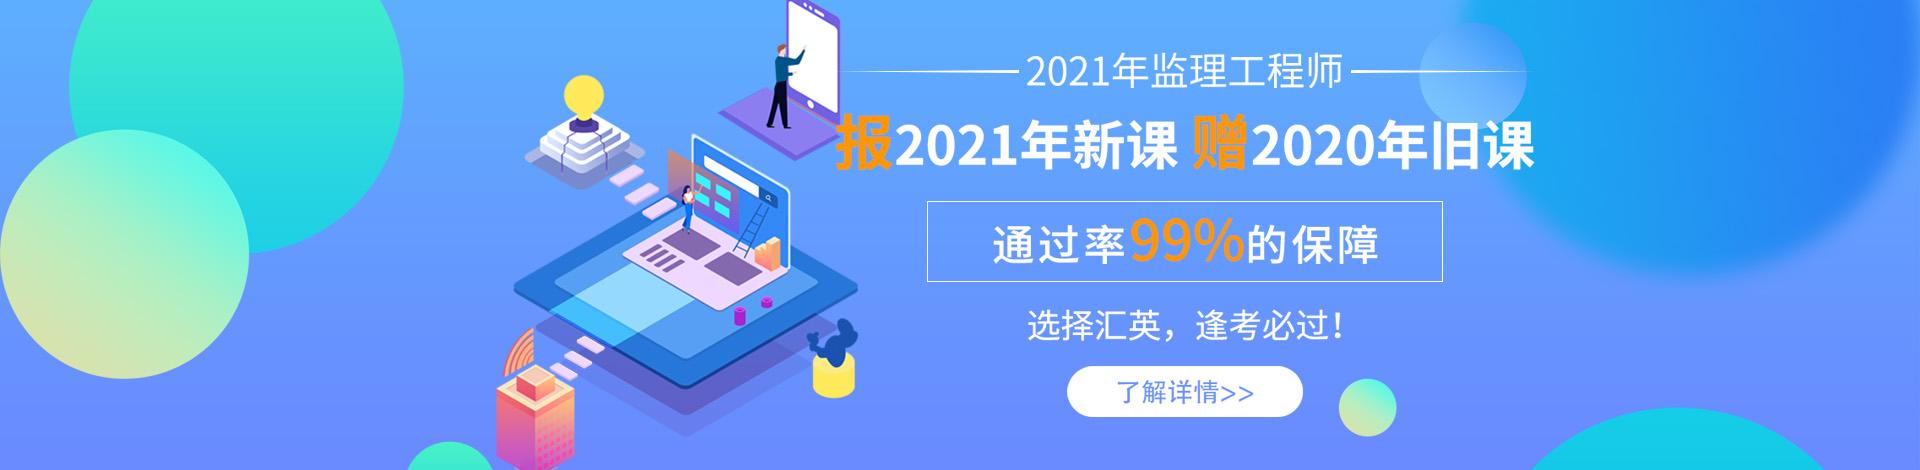 宁夏考生备考2021年监理工程师的方法